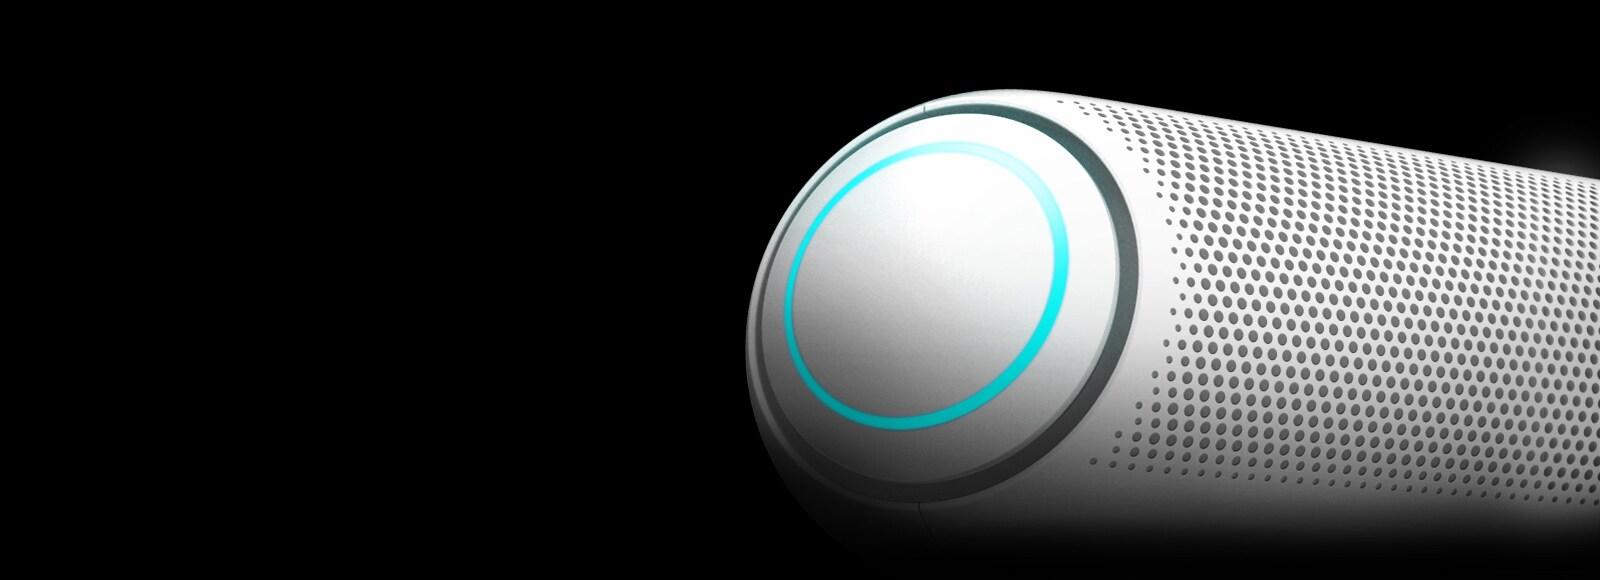 Ảnh cận cảnh loa siêu trầm bên trái của LG XBOOM Go với đèn màu xanh da trền trên nền đen.